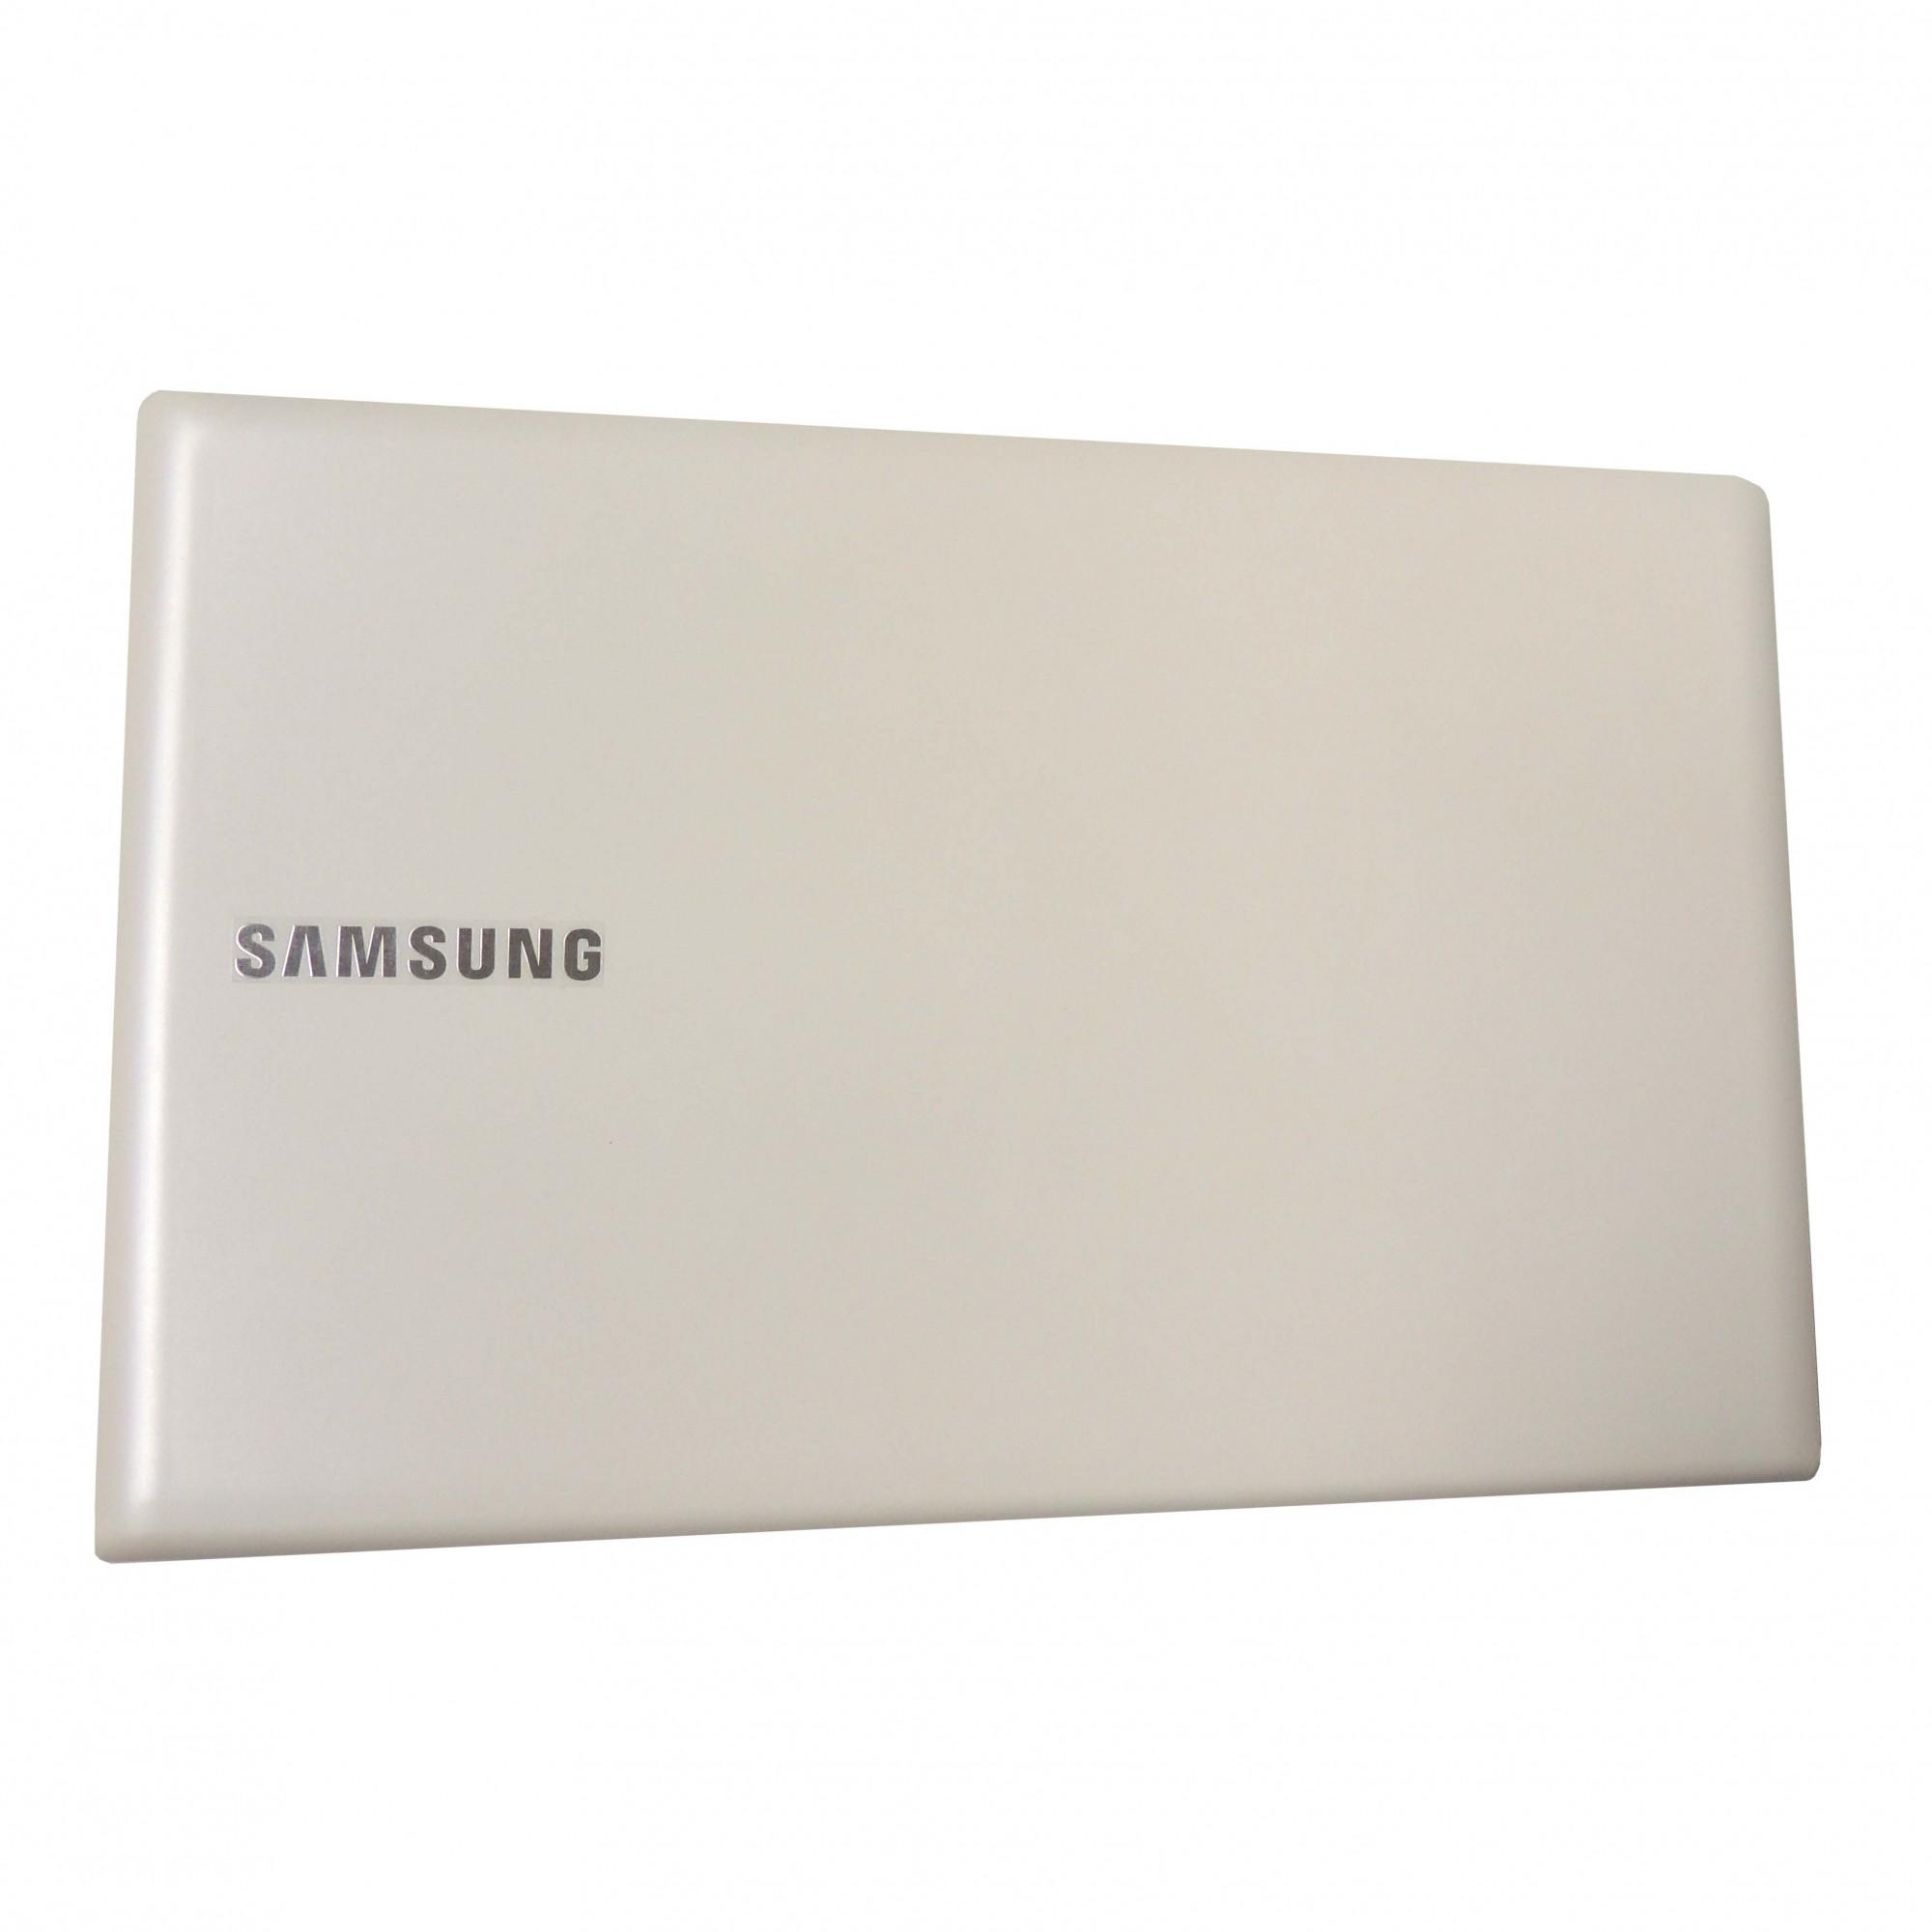 Carcaça Tampa Notebook Samsung Np270e5e Np270e5g Np270e5e Branco - NOVO